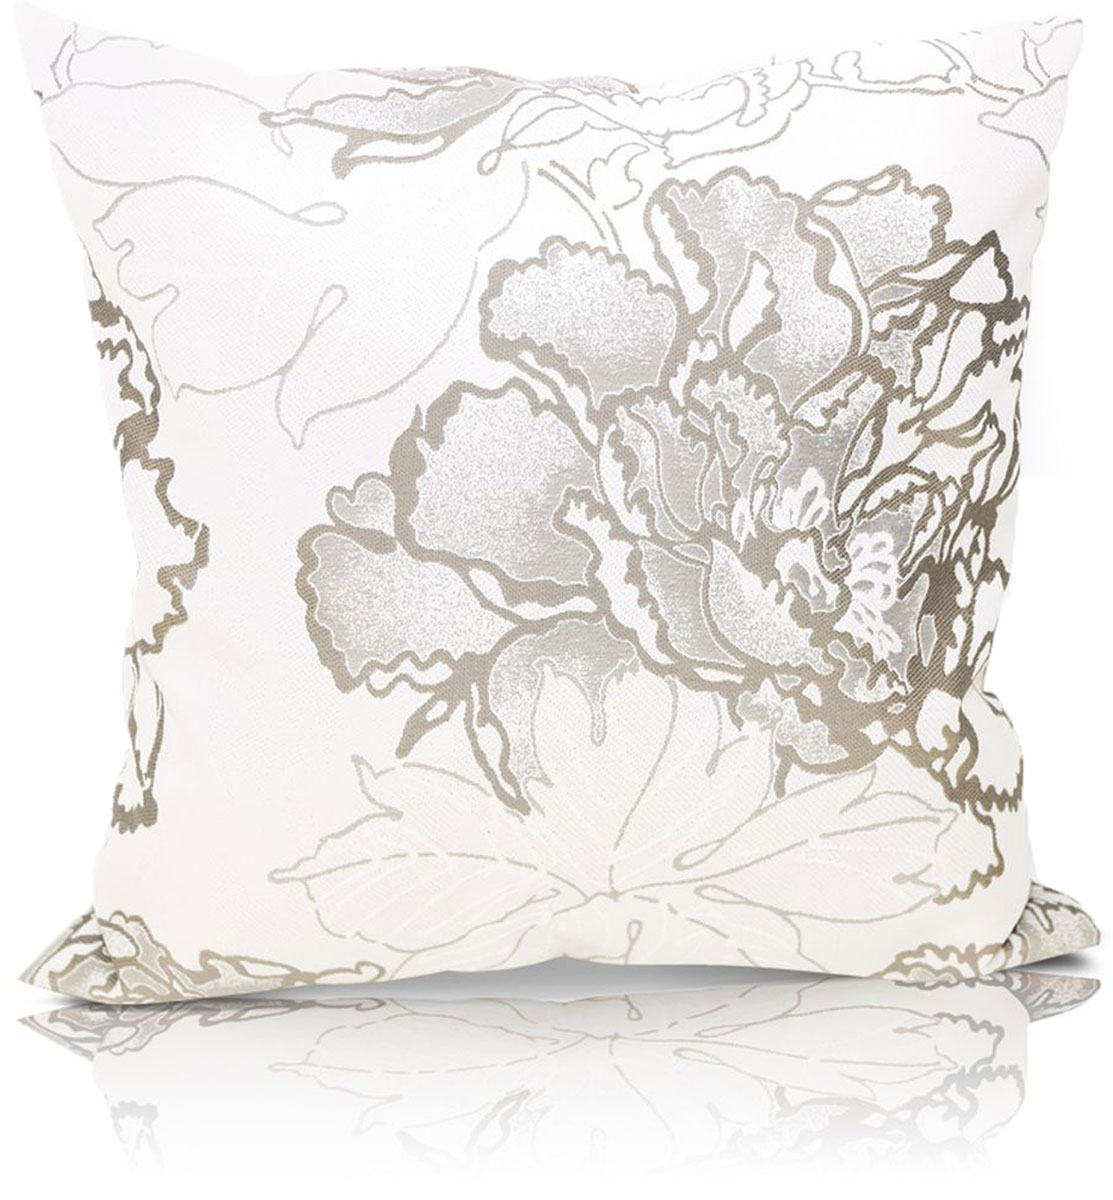 Подушка декоративная KauffOrt Рапсодия, цвет: бежевый, серый, 40 x 40 см подушка декоративная kauffort рапсодия цвет бежевый серый 40 x 40 см